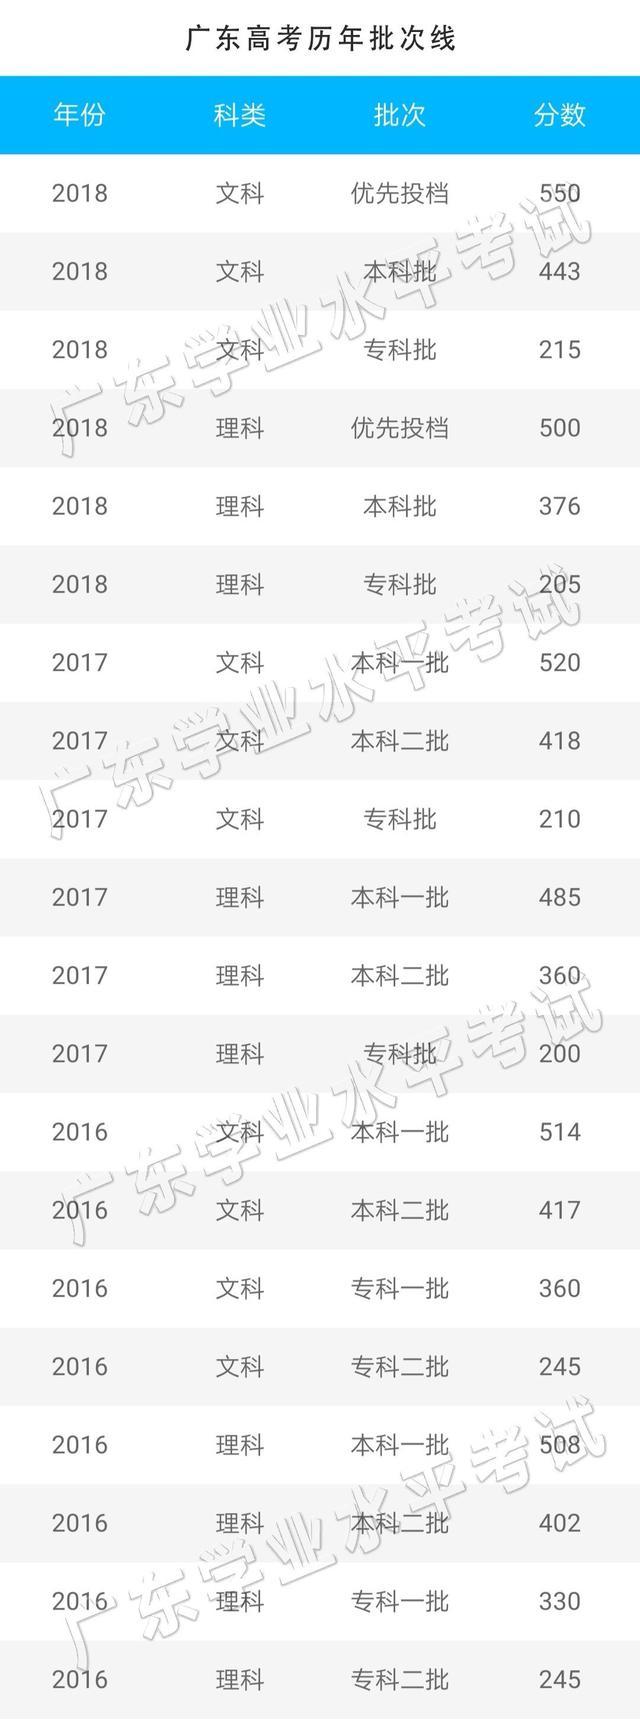 广东高考成绩查询,提前了!广东高考成绩将于24日公布,分数线会降?快来预约查分